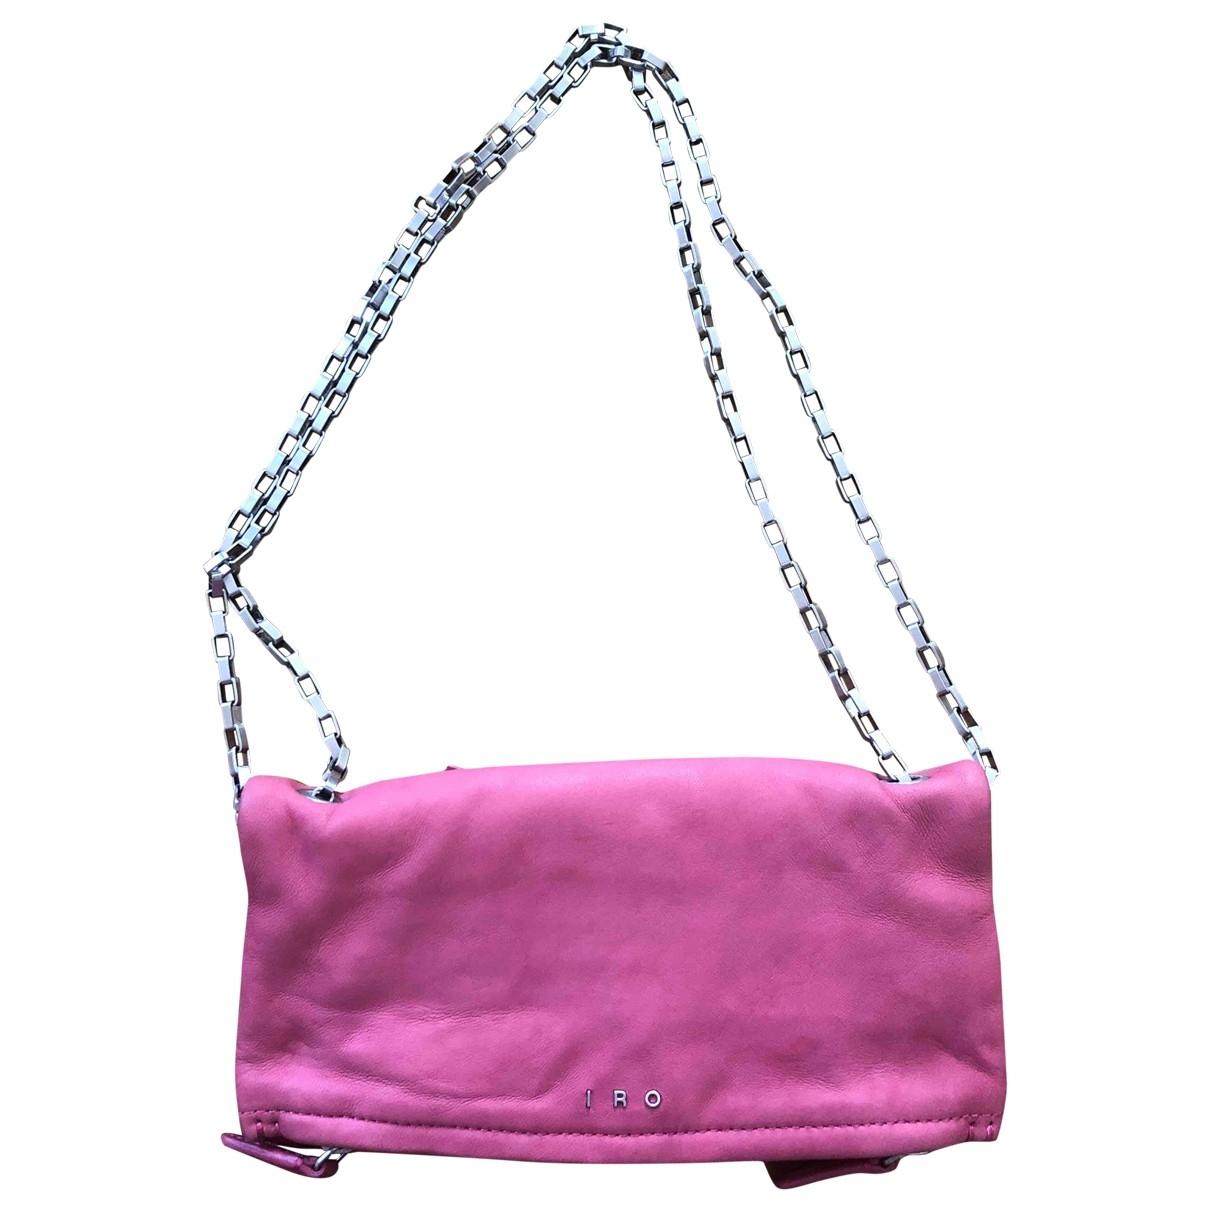 Iro - Pochette   pour femme en cuir - rose